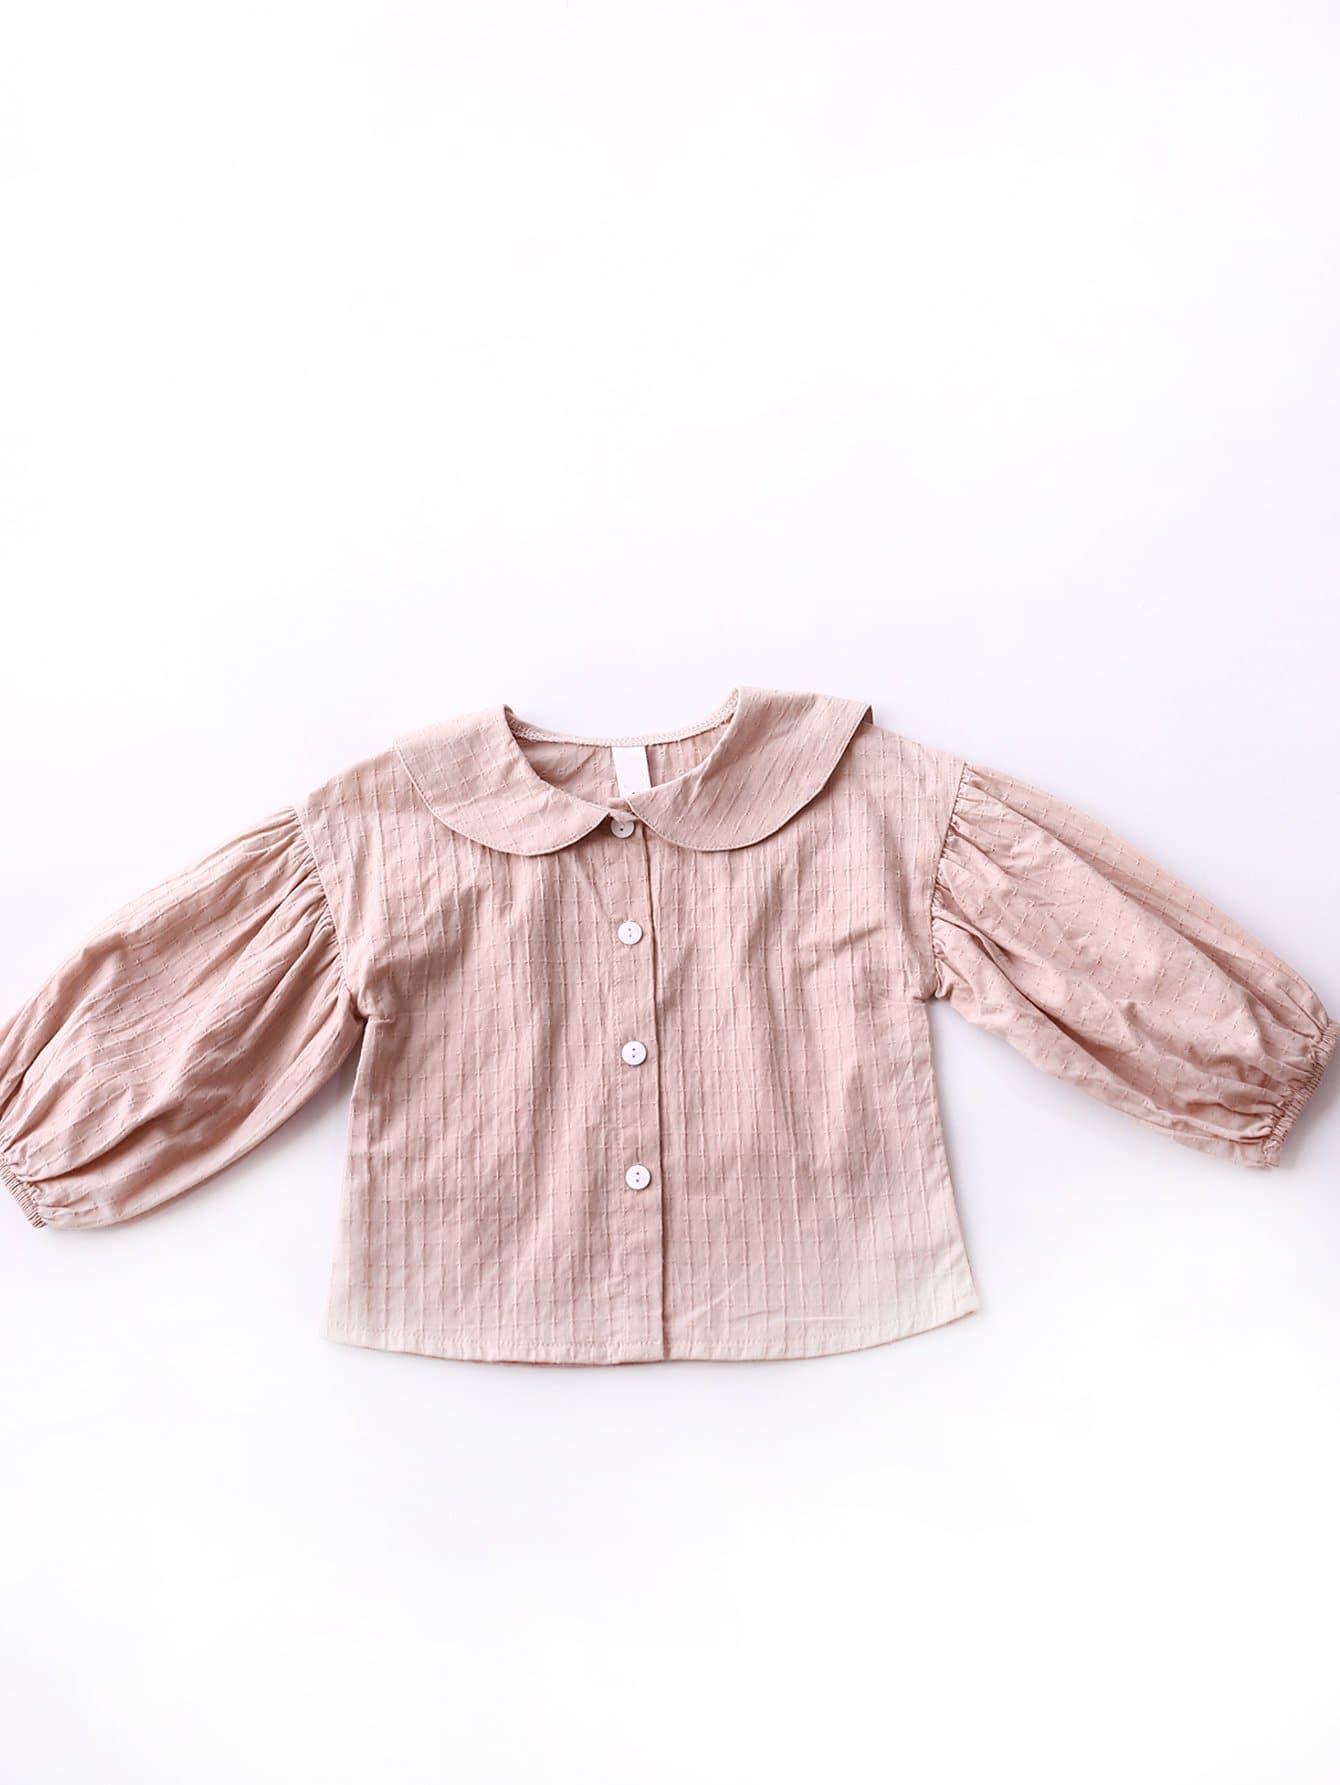 Купить Простая рубашка с украшением пуговицы для девочки, null, SheIn